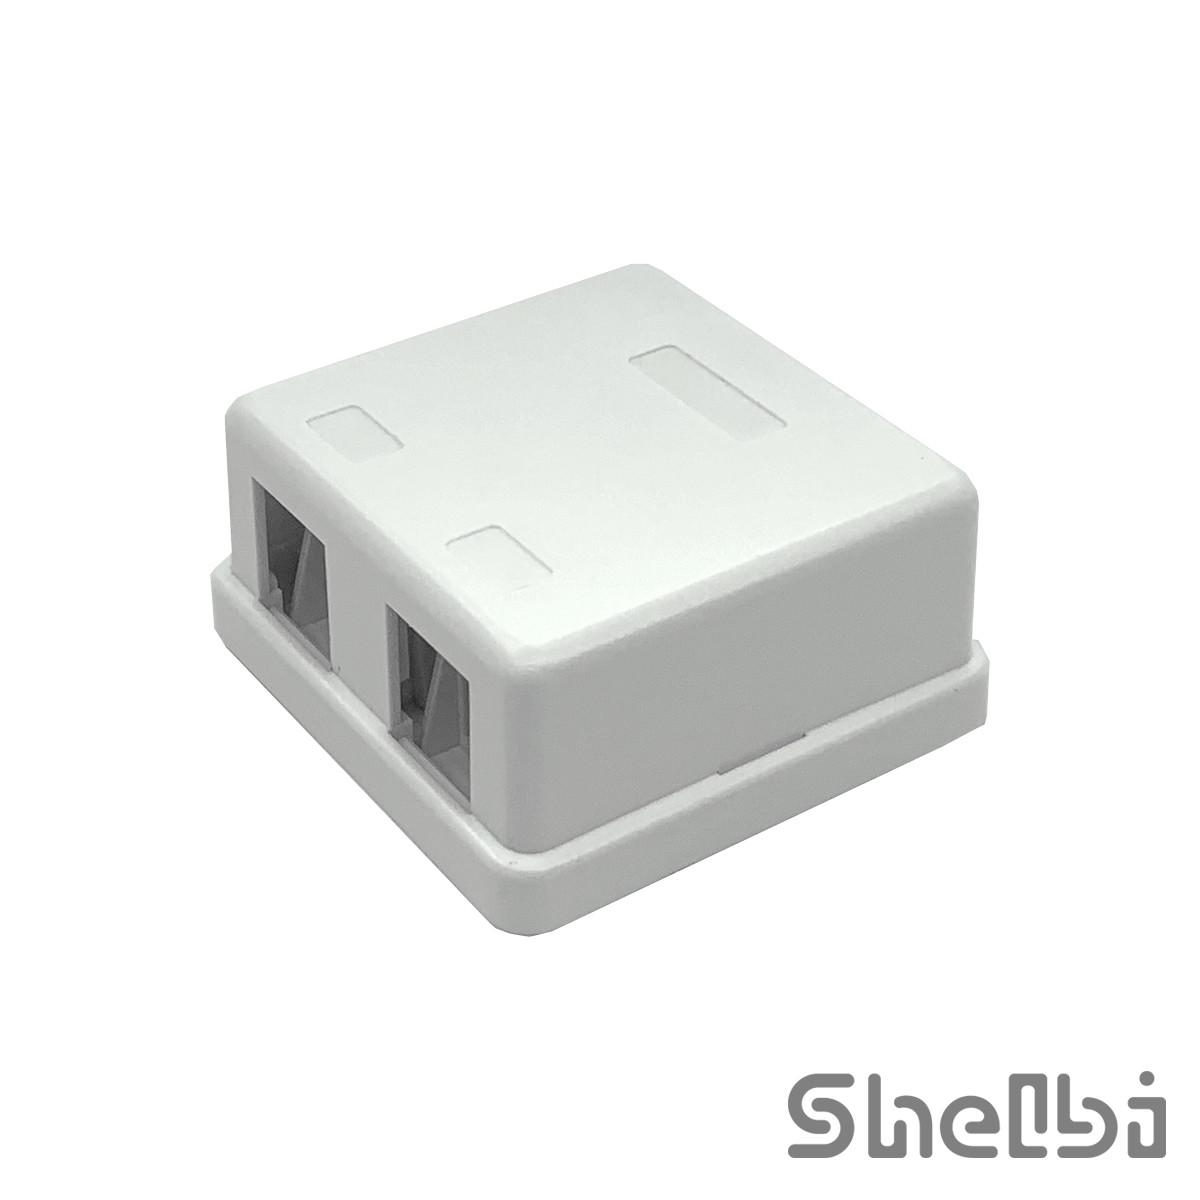 Shelbi Настенная пластиковая коробка 2-портовая, для модулей, Пустая